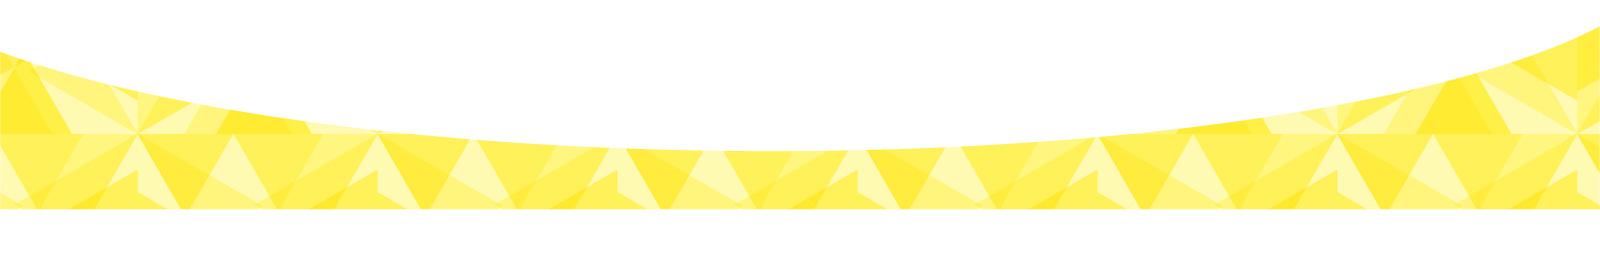 f:id:shokochun:20191204000612j:plain